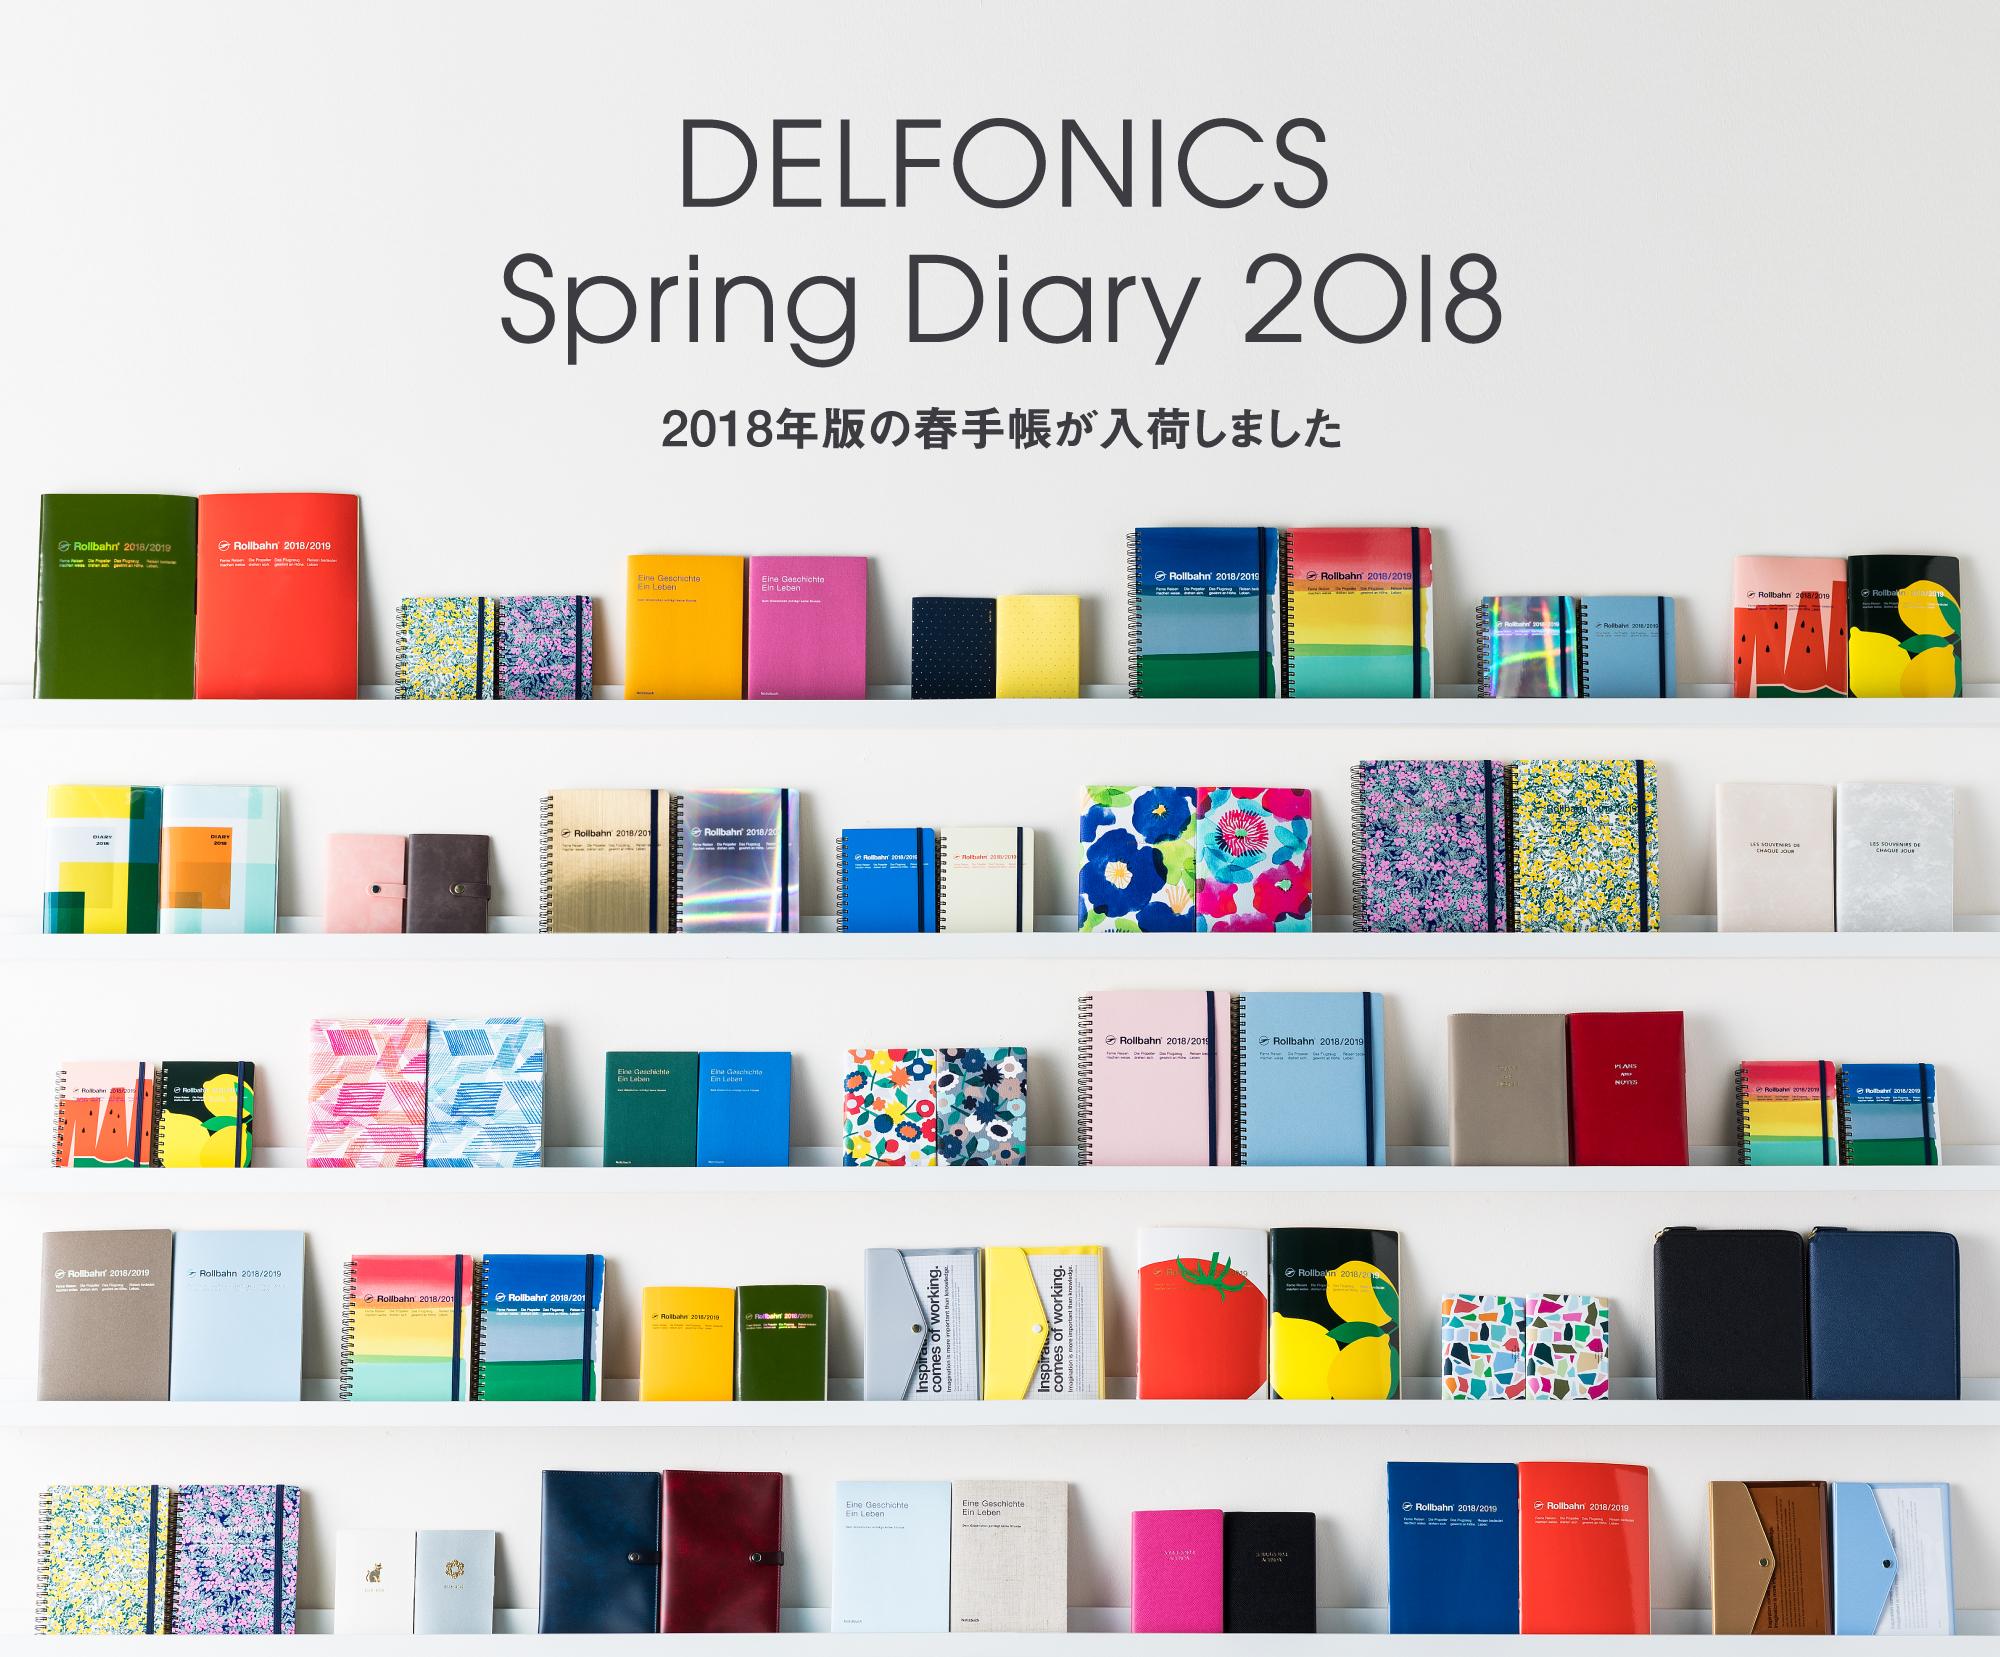 2018年版の春手帳が入荷しました